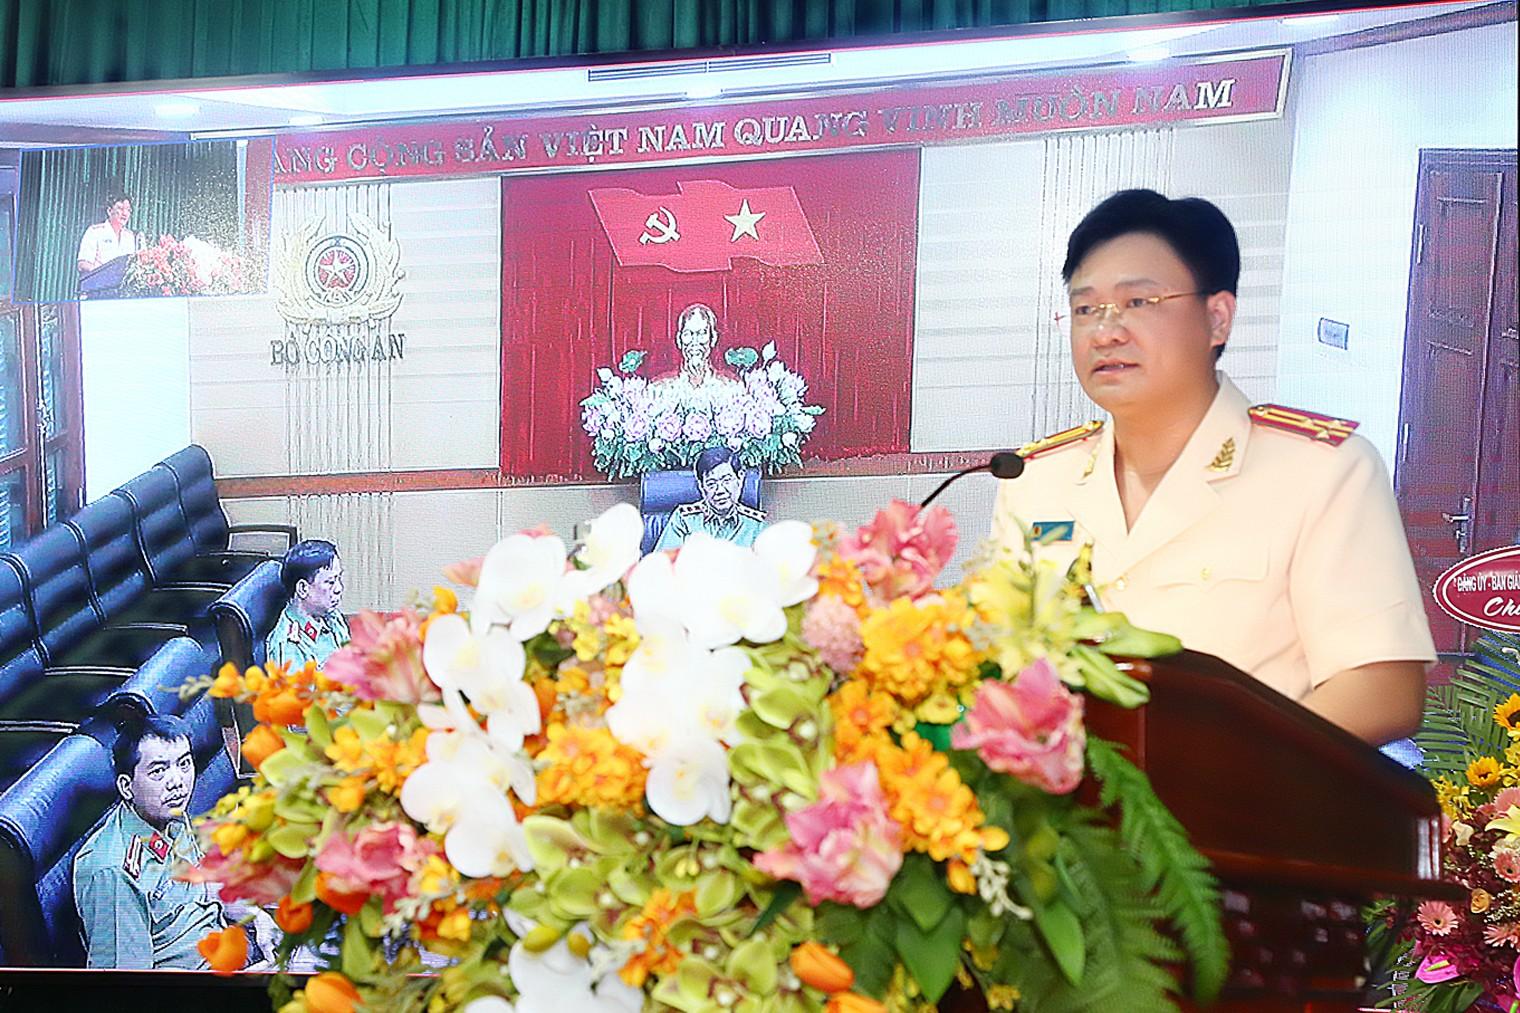 Chân dung tân giám đốc Công an tỉnh Thừa Thiên - Huế-1